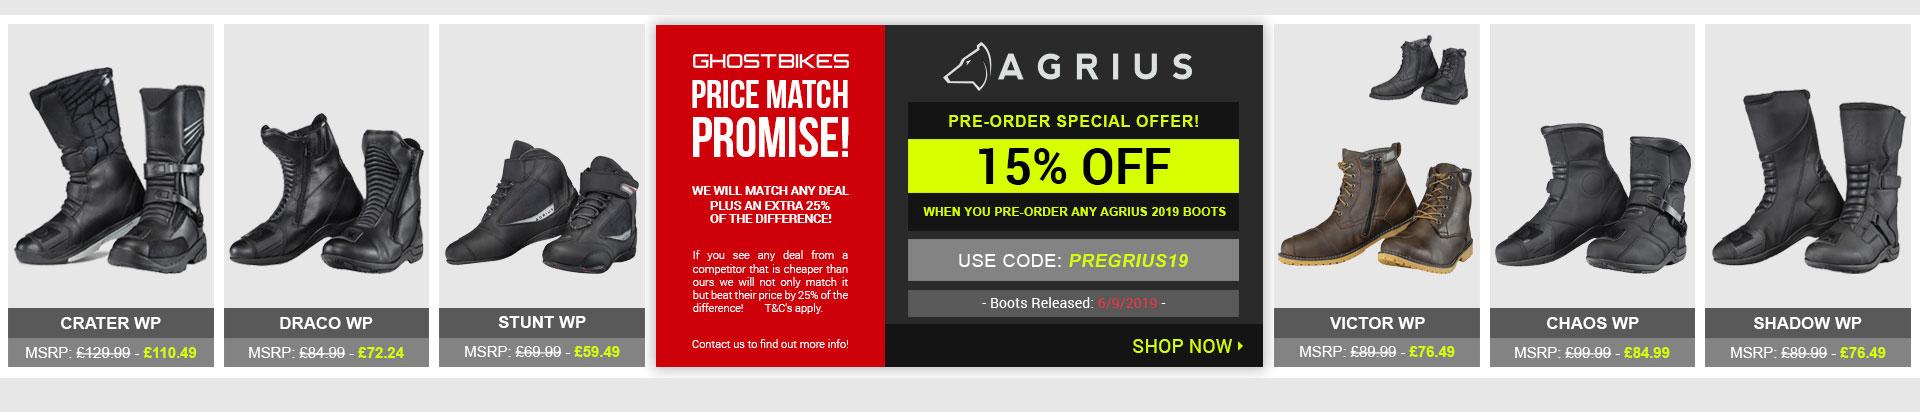 Agrius Pre Order